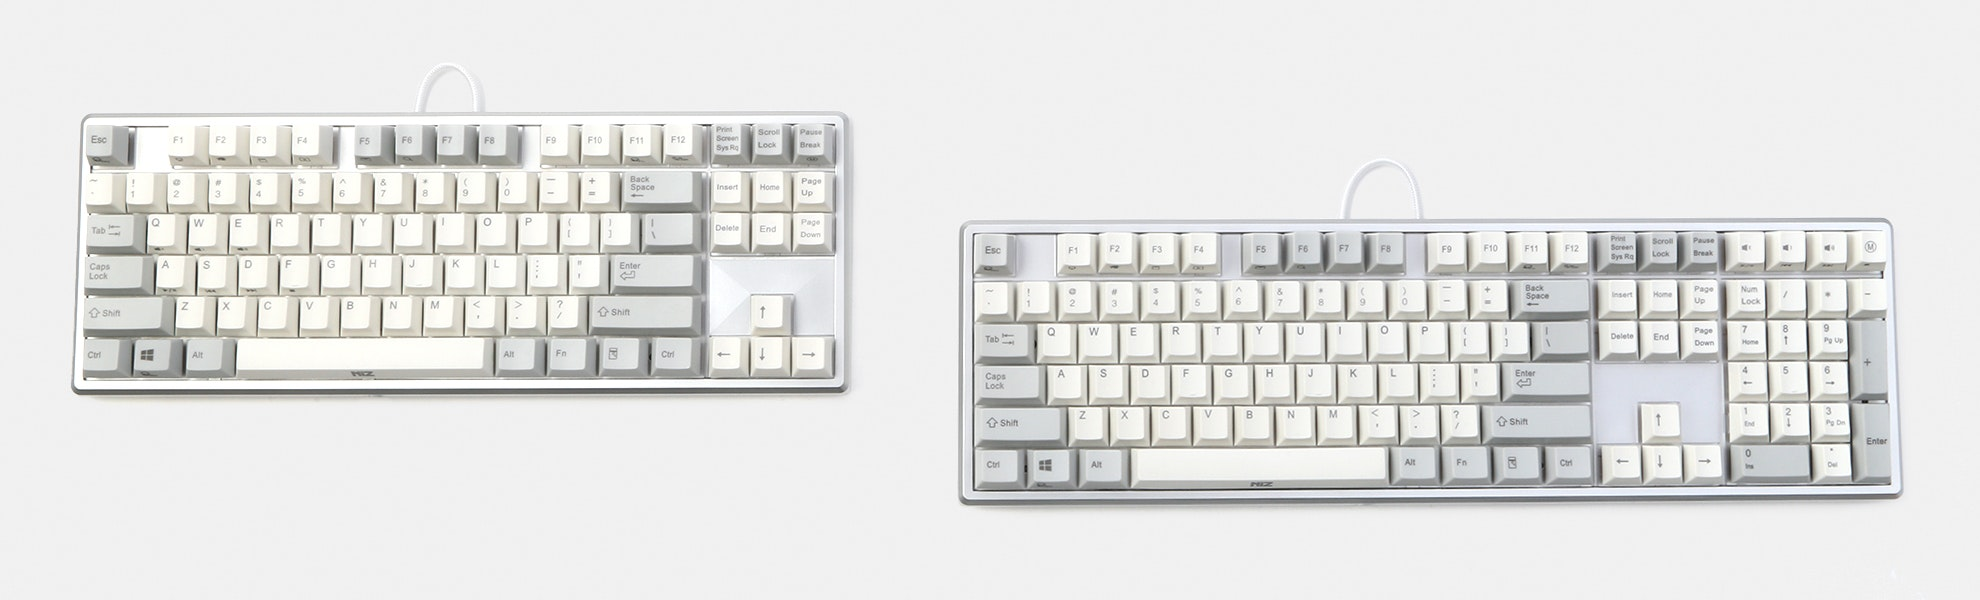 Plum 87/108 Water-Resistant EC Mechanical Keyboard